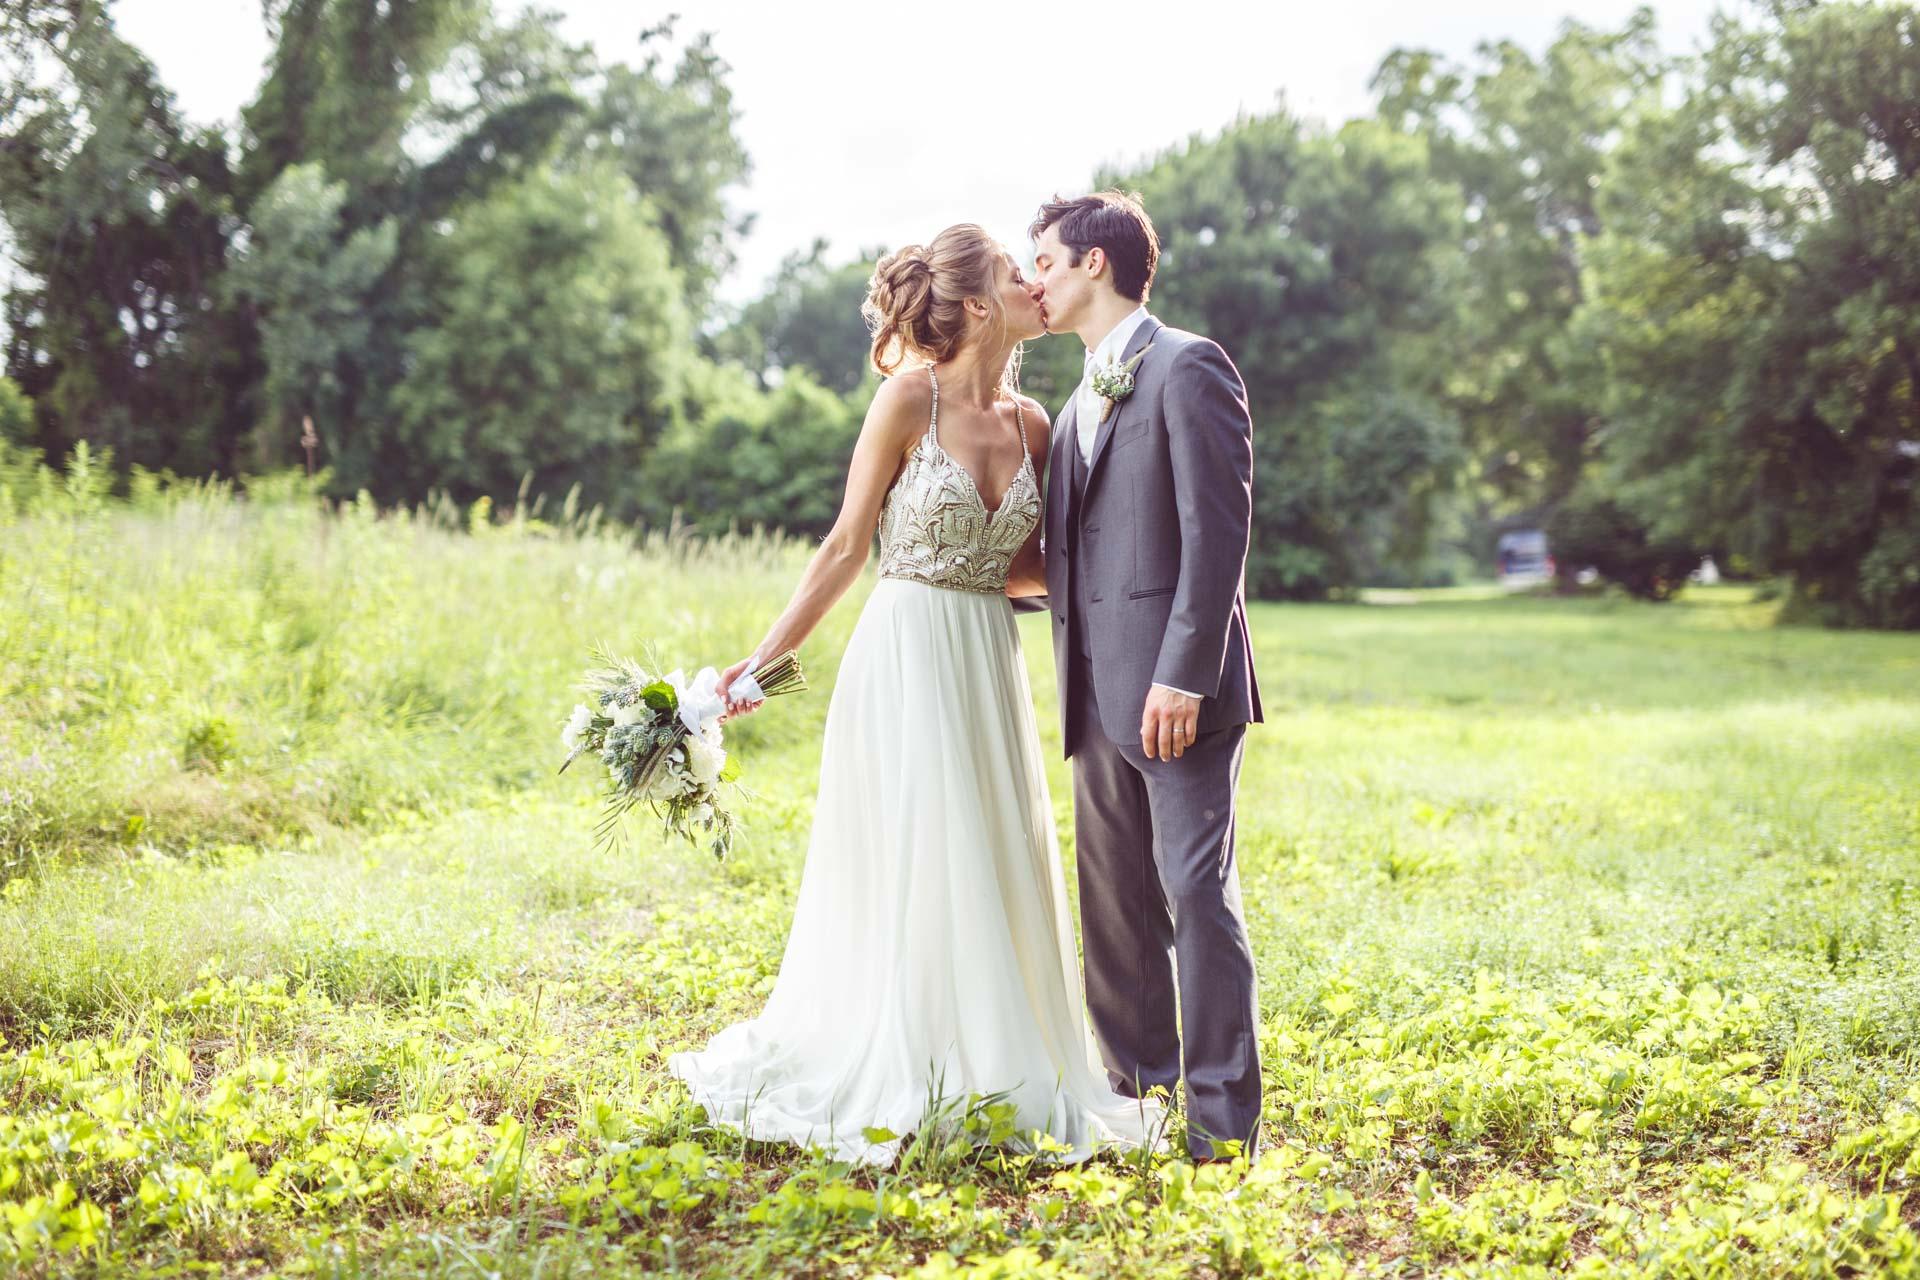 Farmington-Gardens-Wedding-Photos (43 of 66).jpg